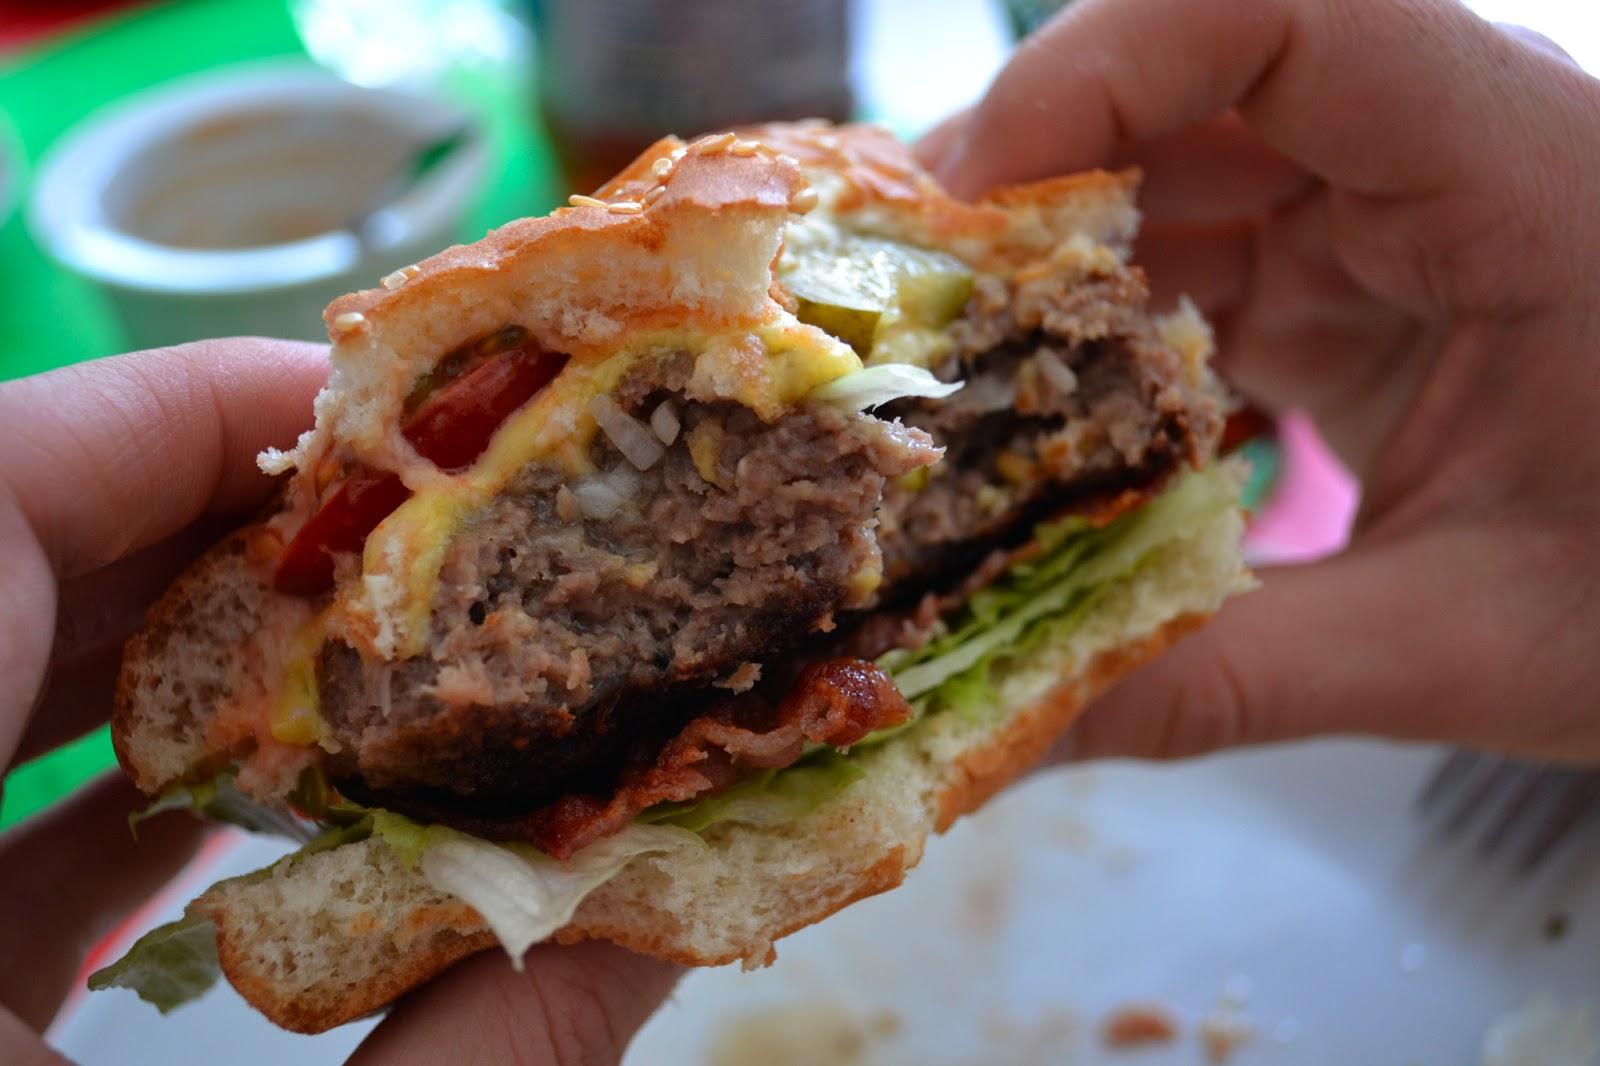 gute nahrung macht gl cklich cheeseburger nach jamie oliver. Black Bedroom Furniture Sets. Home Design Ideas